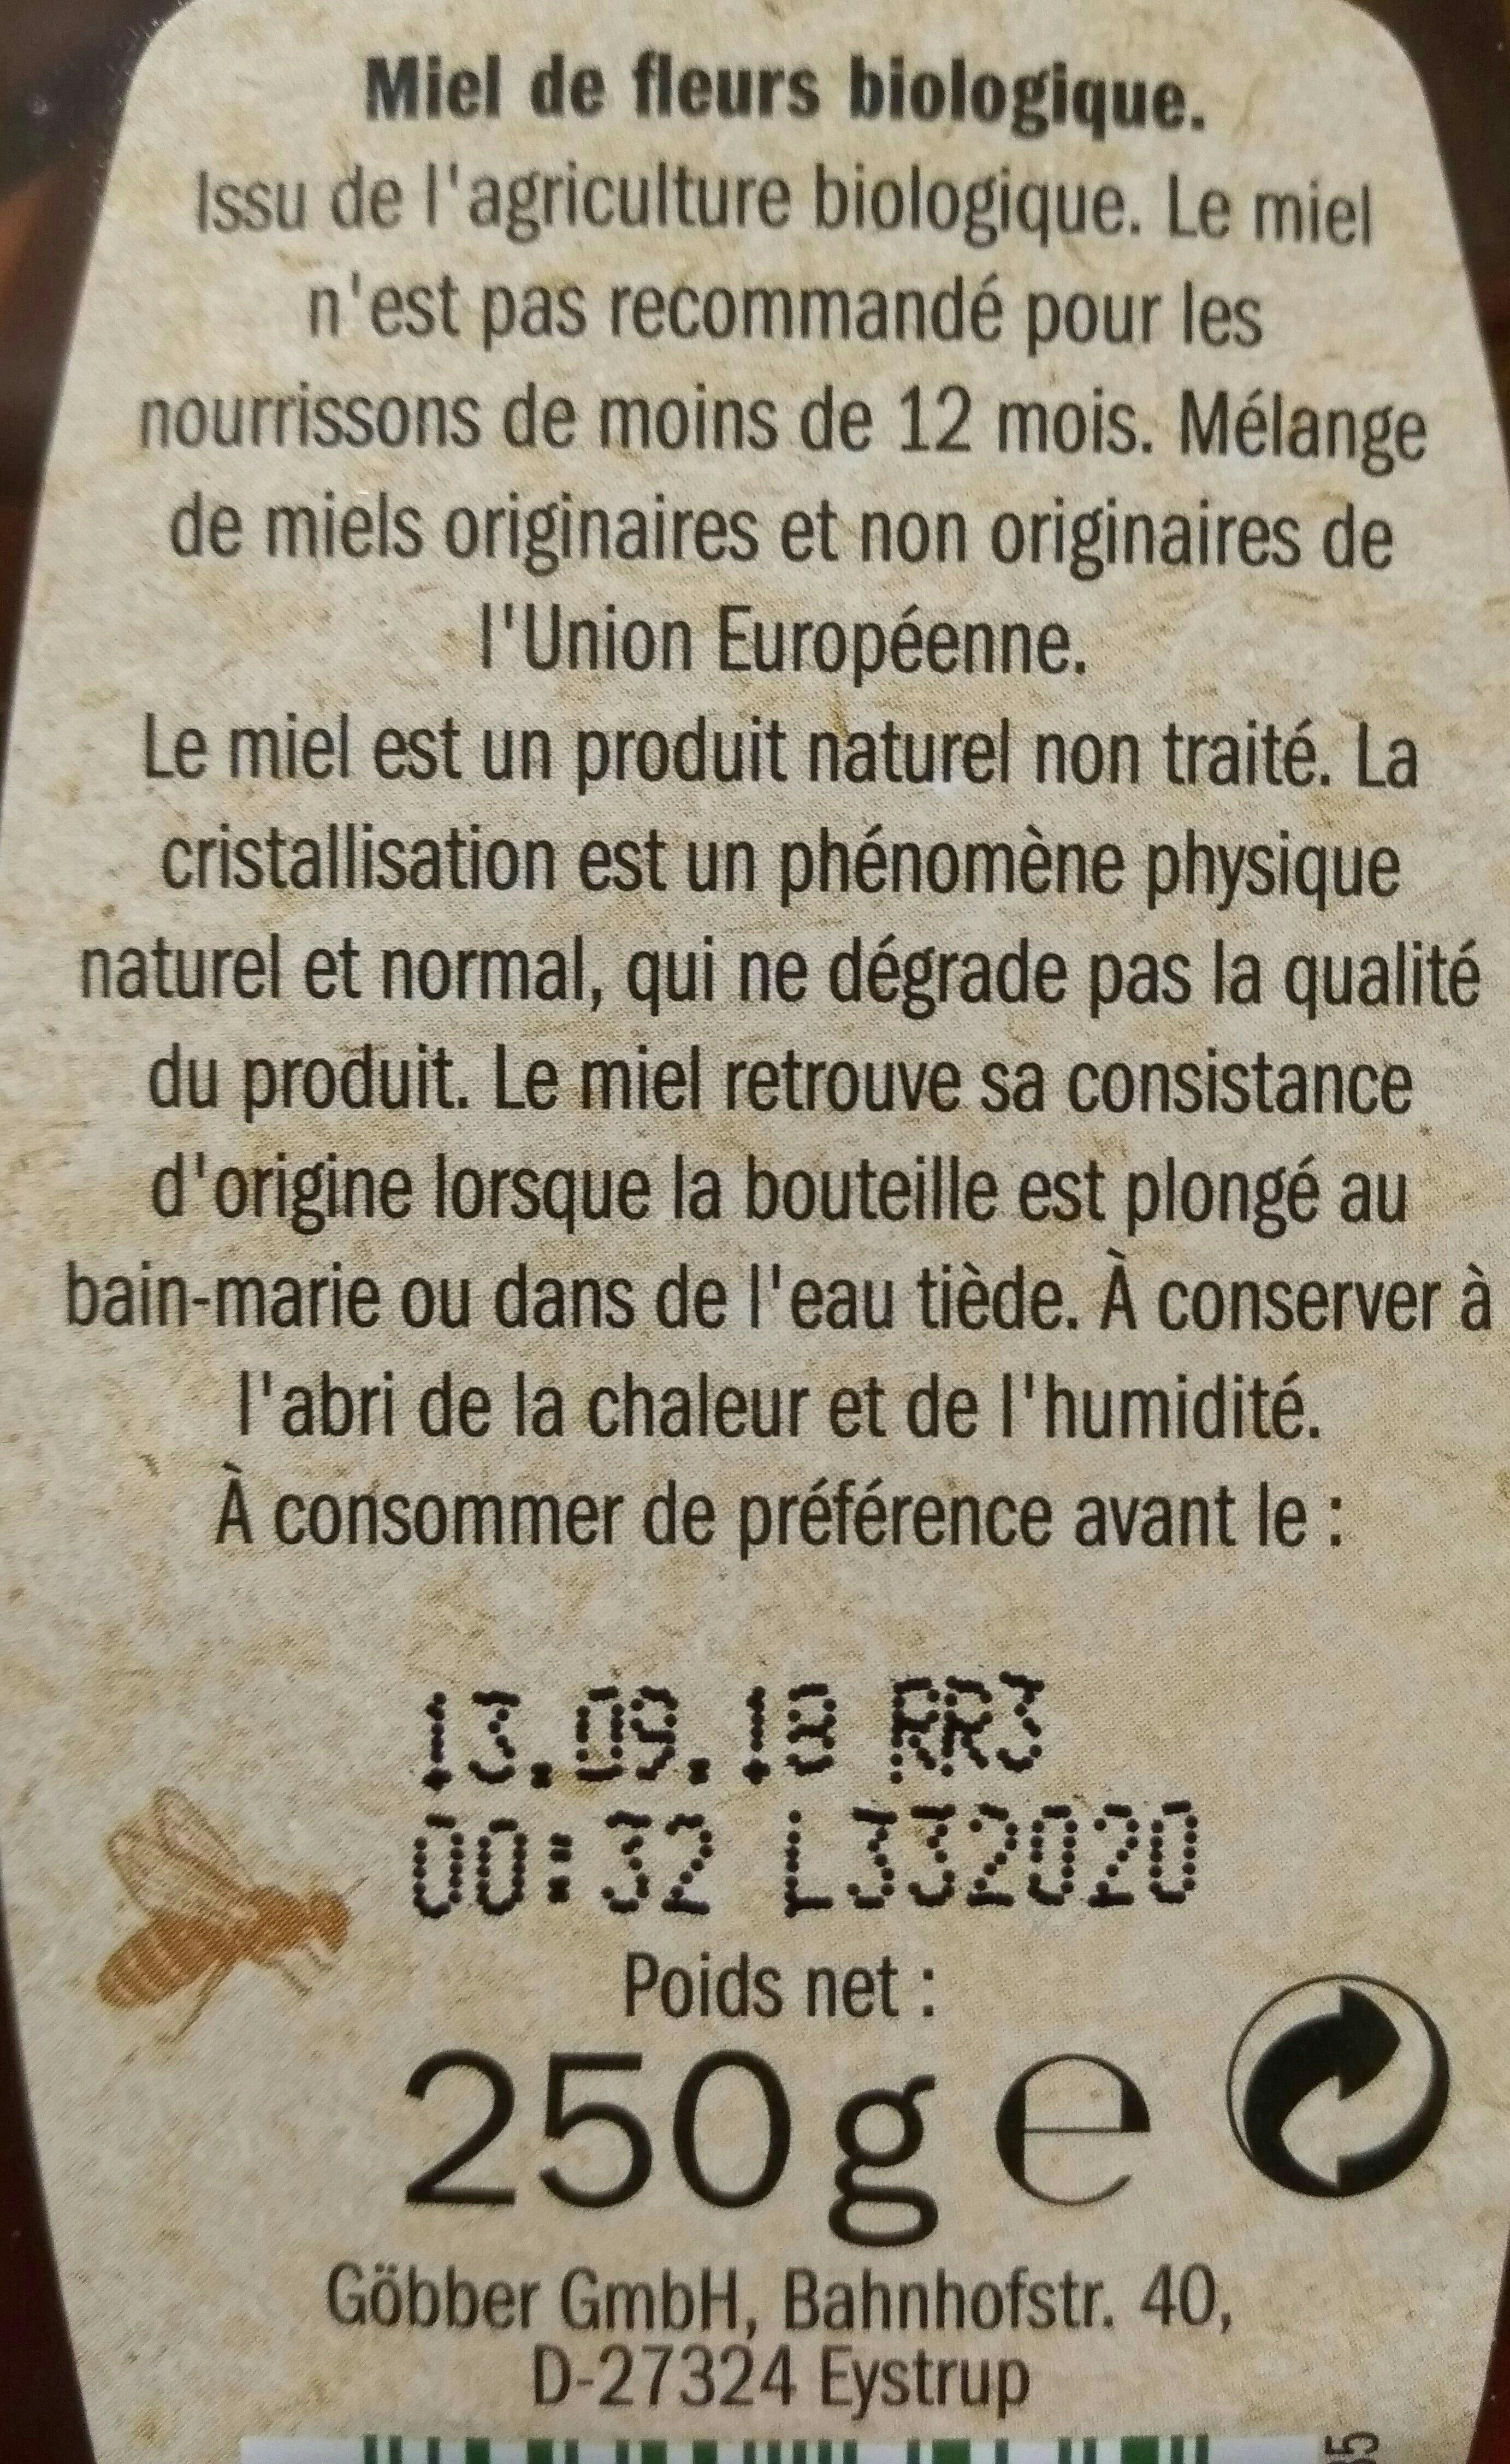 Miel de fleur bio - Ingredients - fr